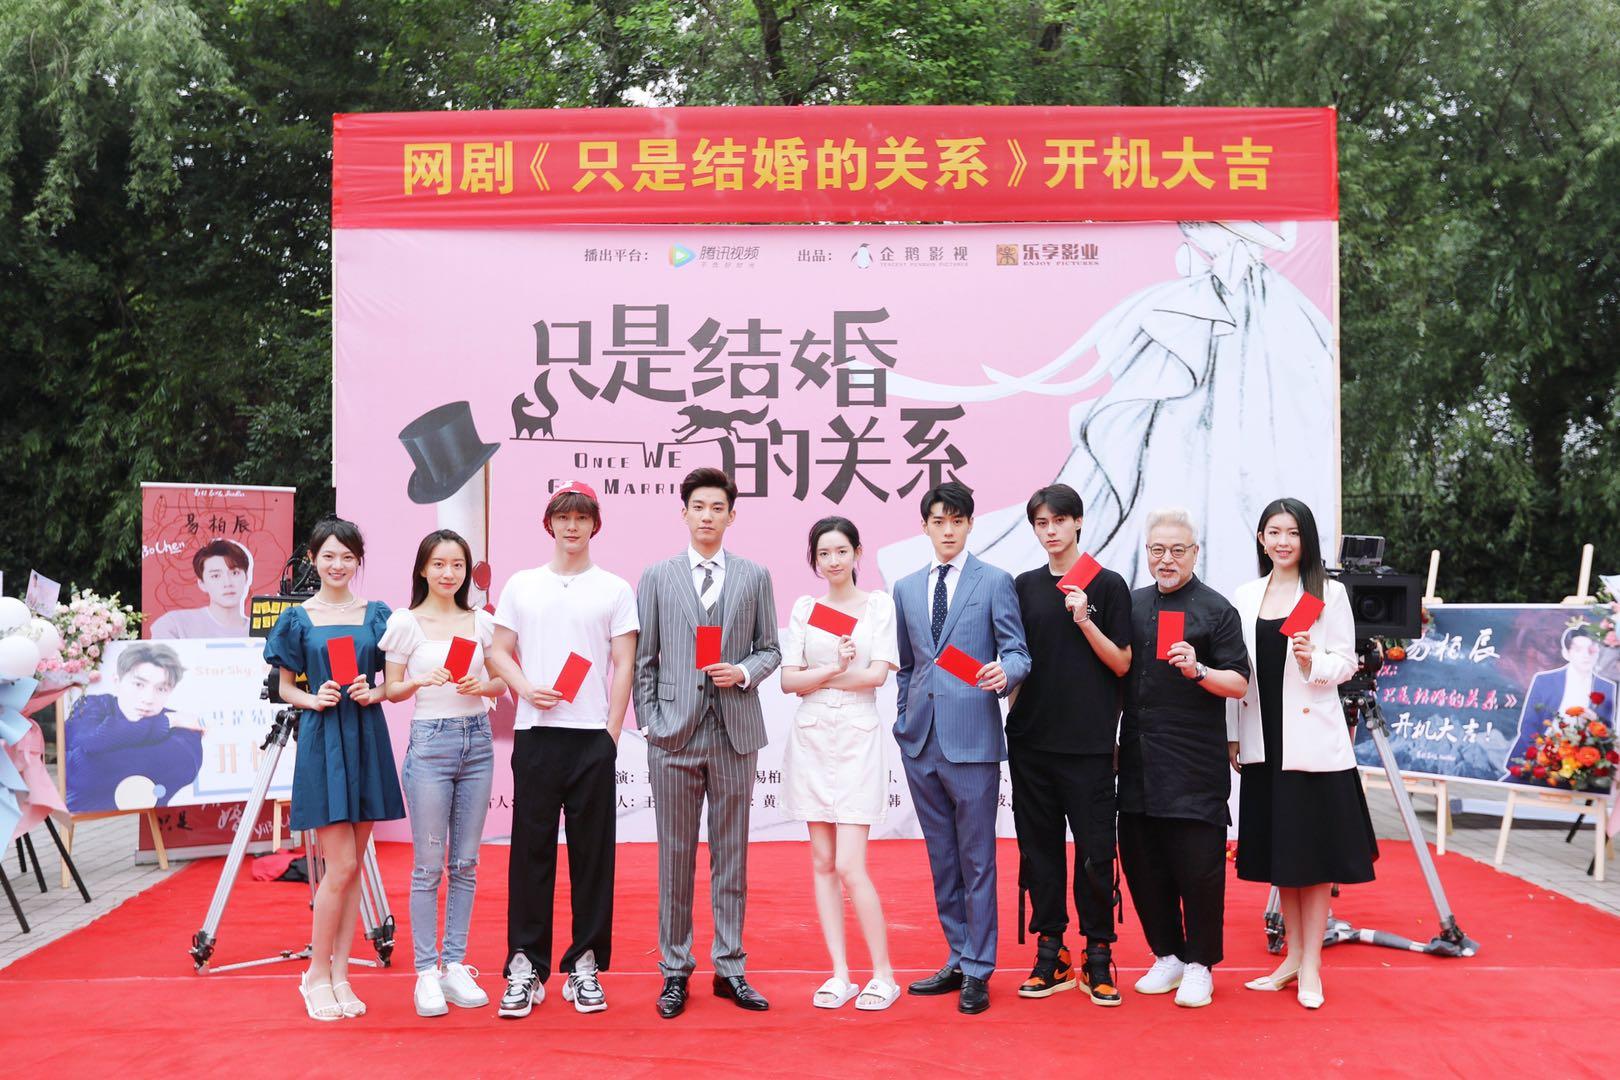 网络剧《只是结婚的关系》于5月30日在南京正式开机